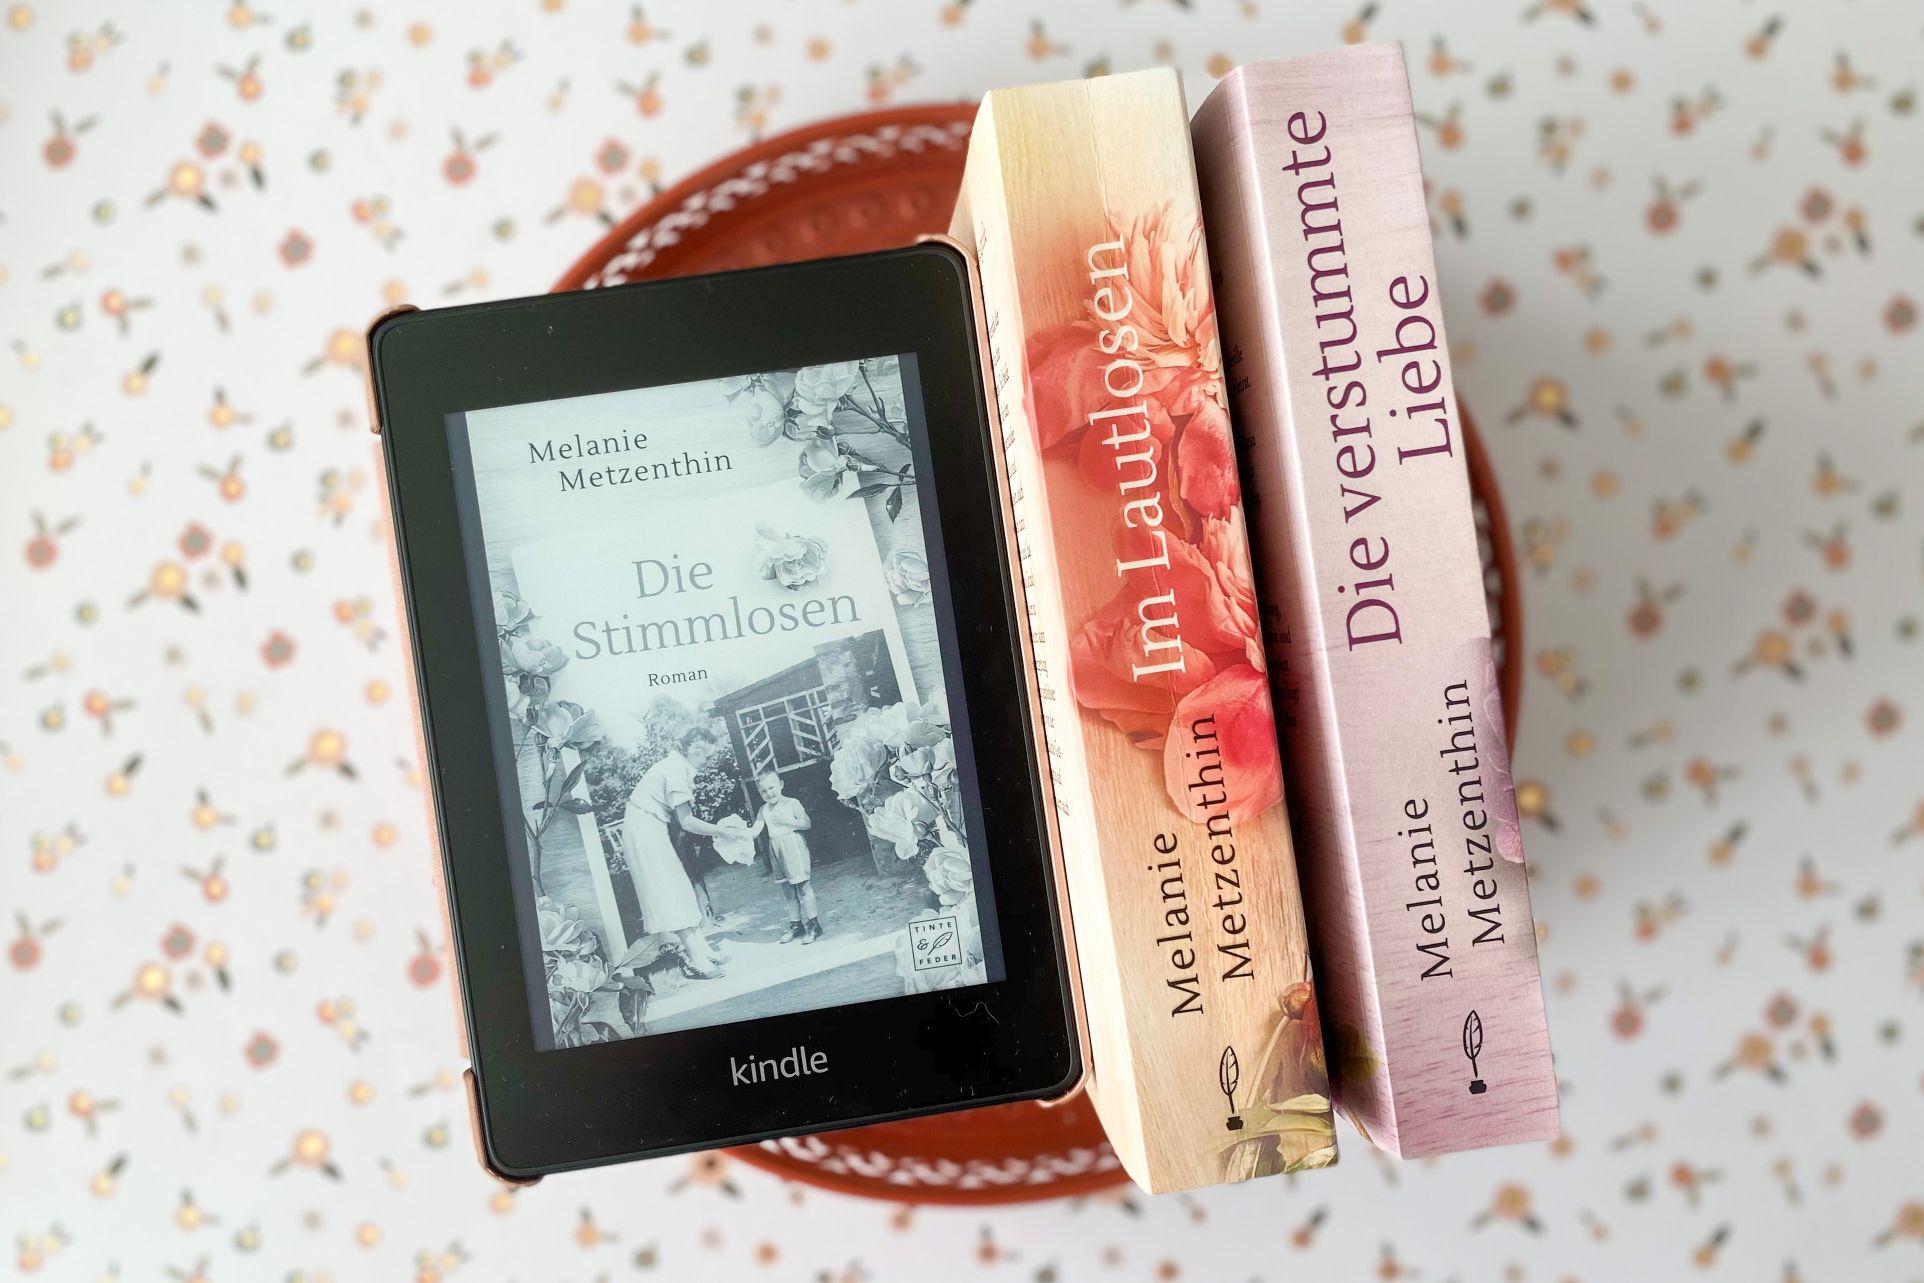 Melanie Metzenthin Die Stimmlosen Hamburg Nachkriegsdeutschland historischer Roman